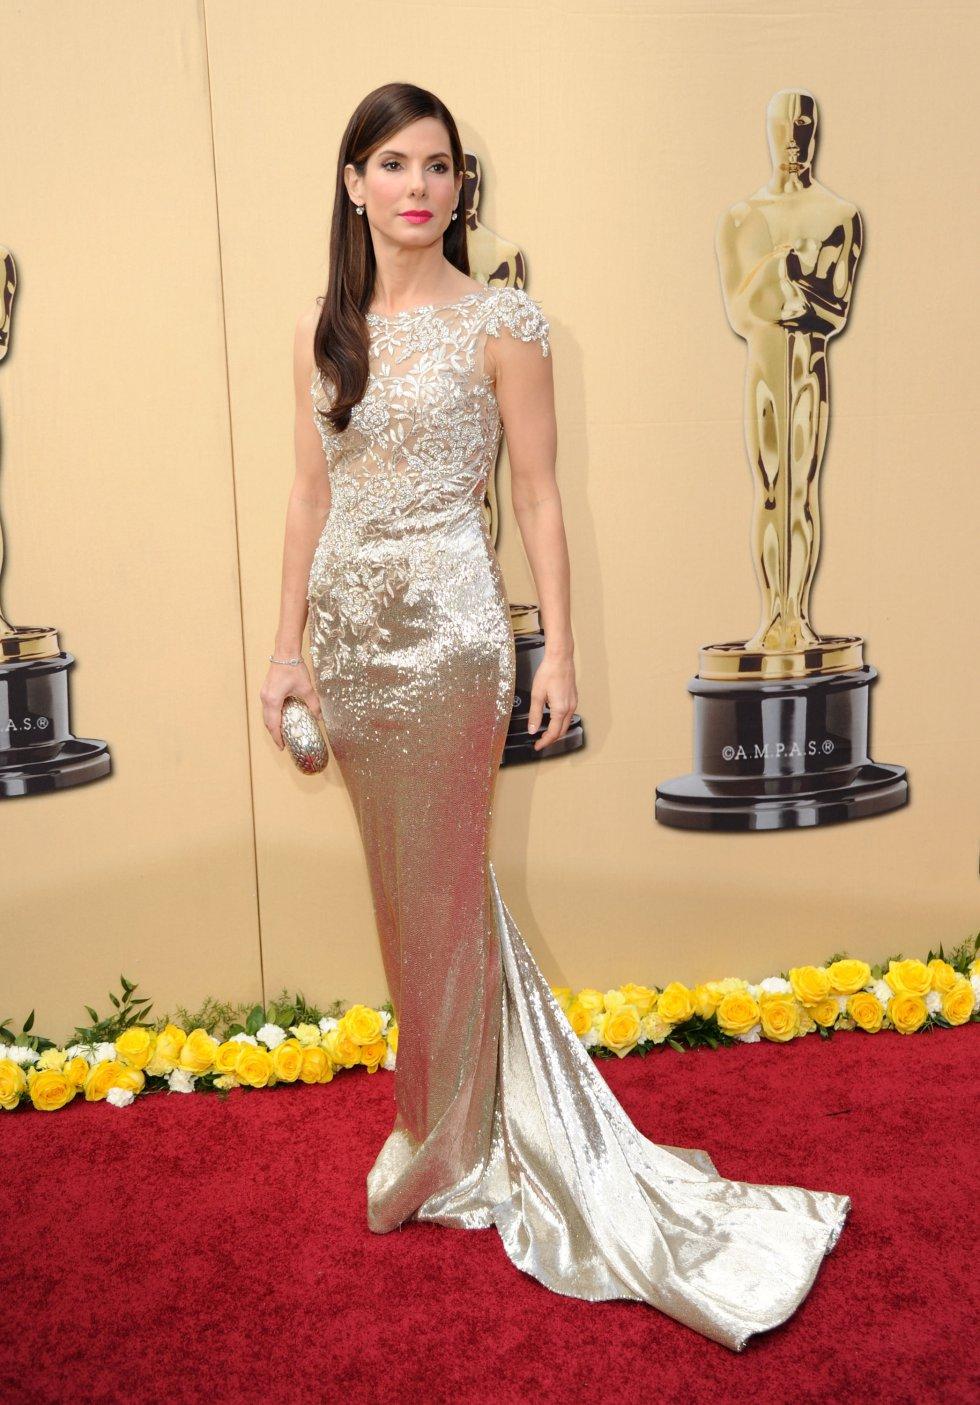 Sandra Bullock en 2010, año que se llevó el Oscar a mejor actriz por la película 'Un sueño posible', con un diseño de Marchesa.